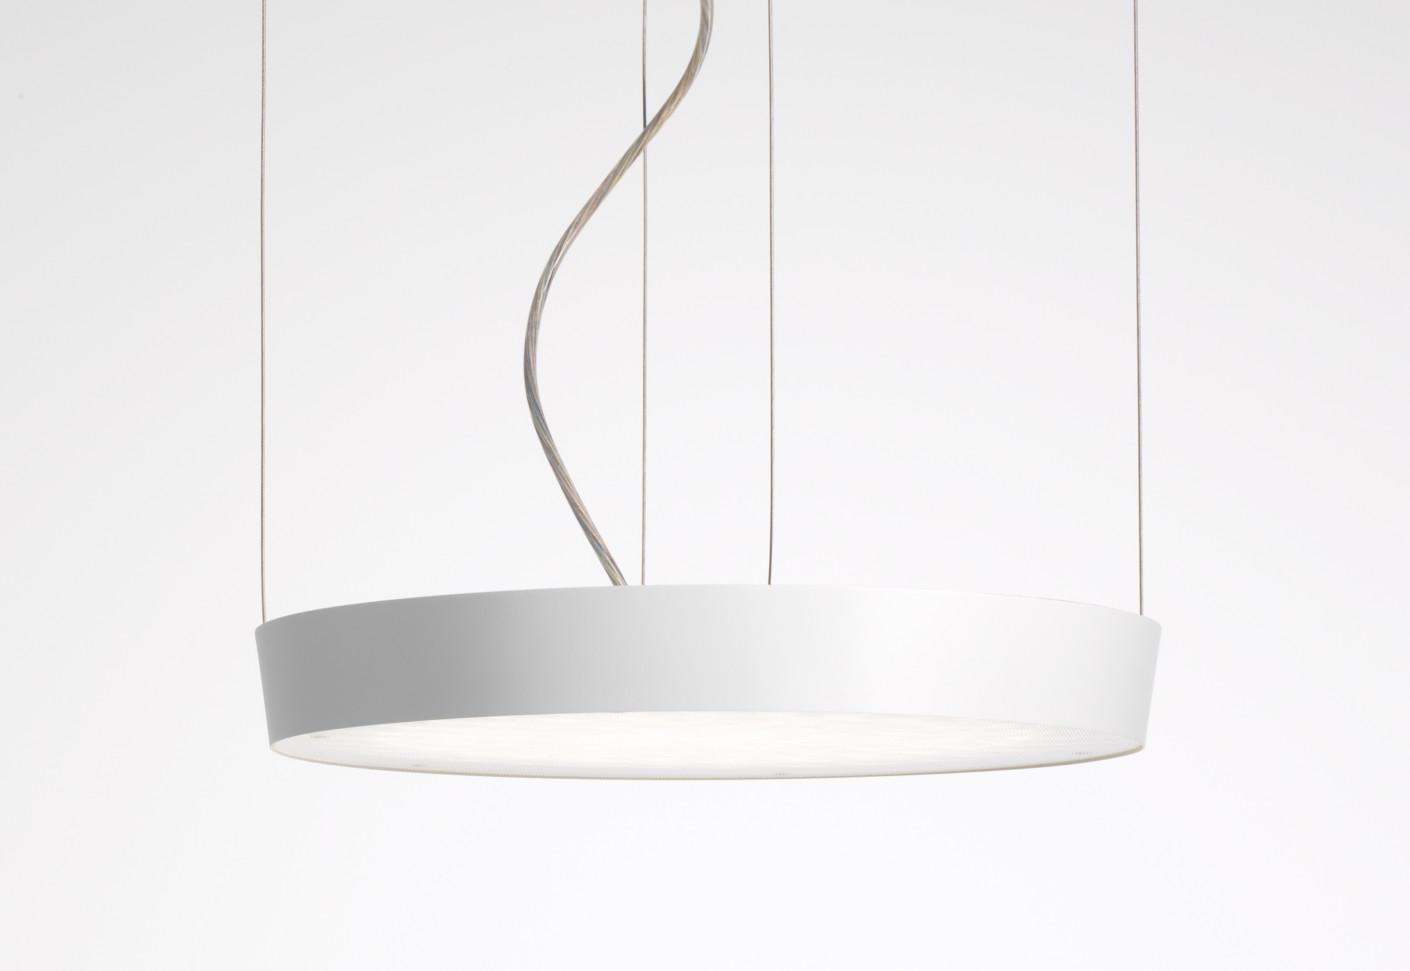 CIRCULAR Pendant Light By Schatti Leuchten